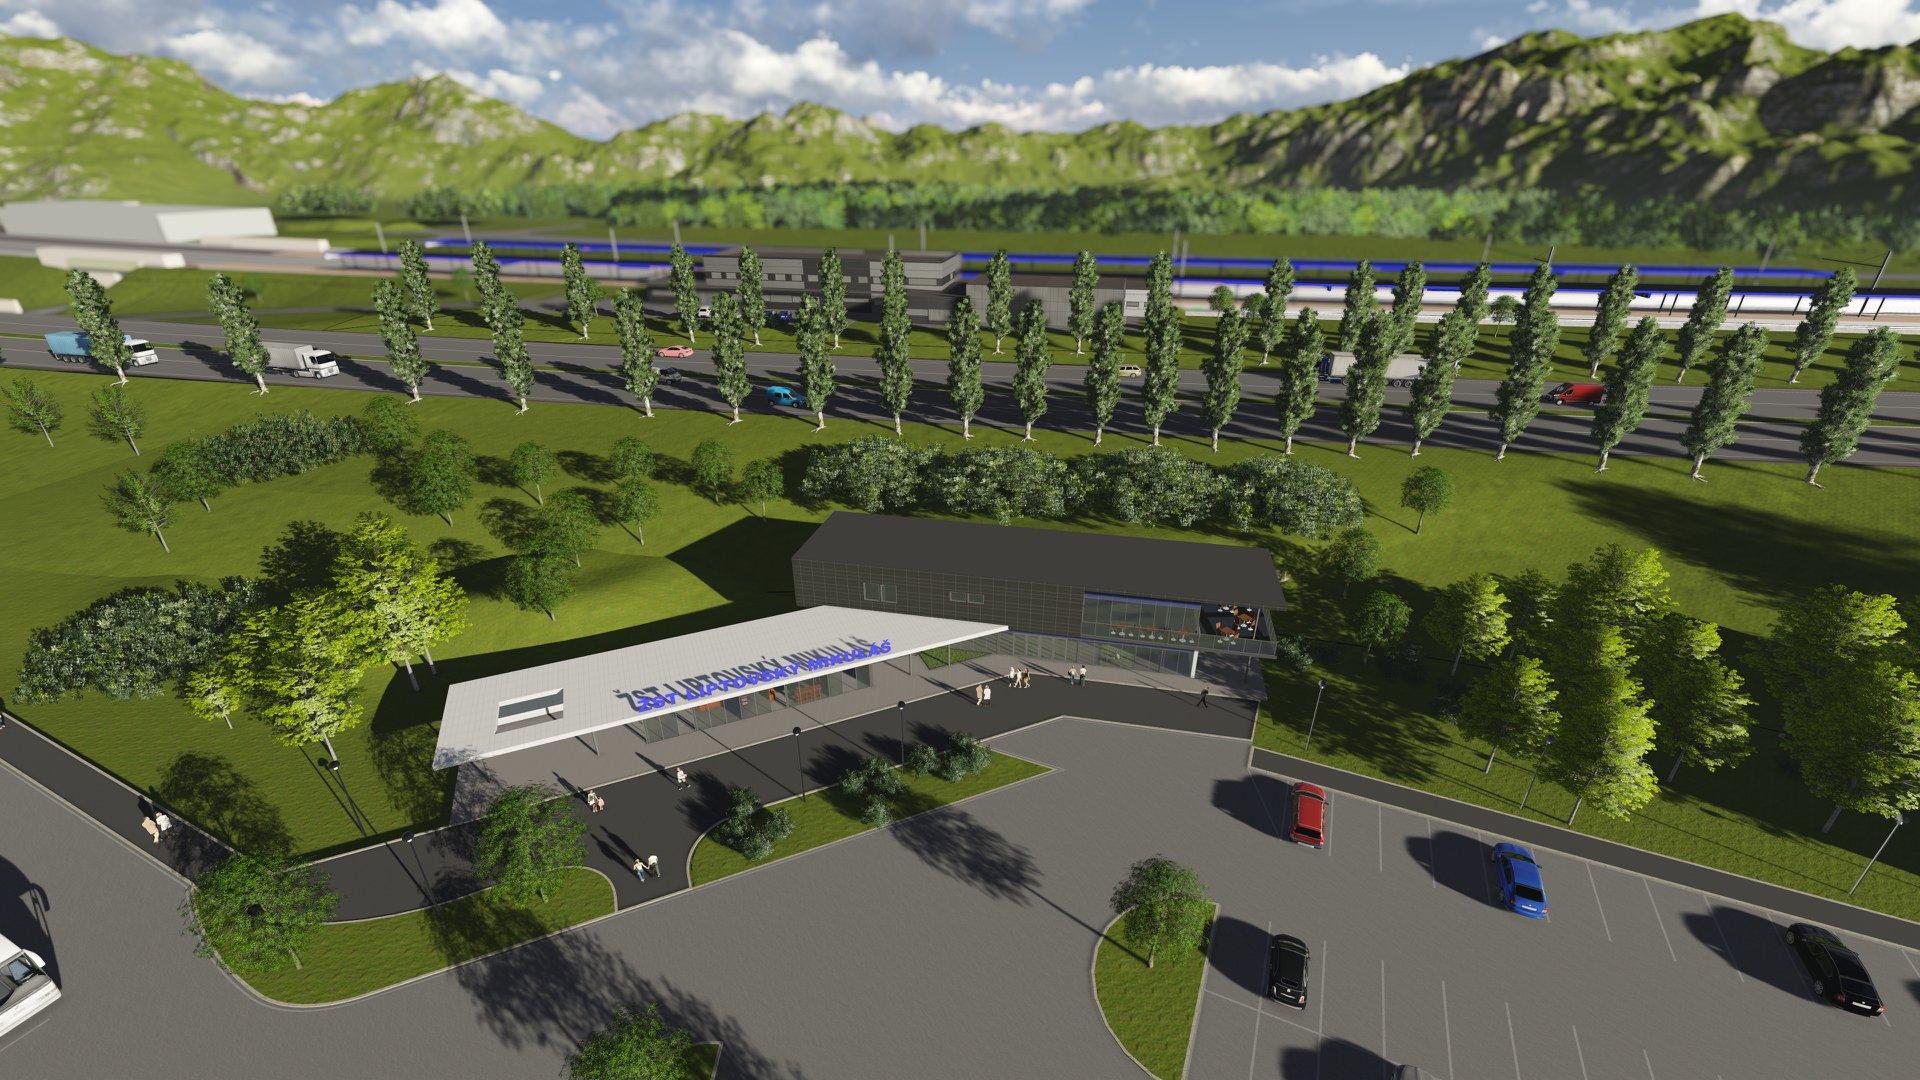 Primátor požiadal o prioritizáciu prekládky železnice